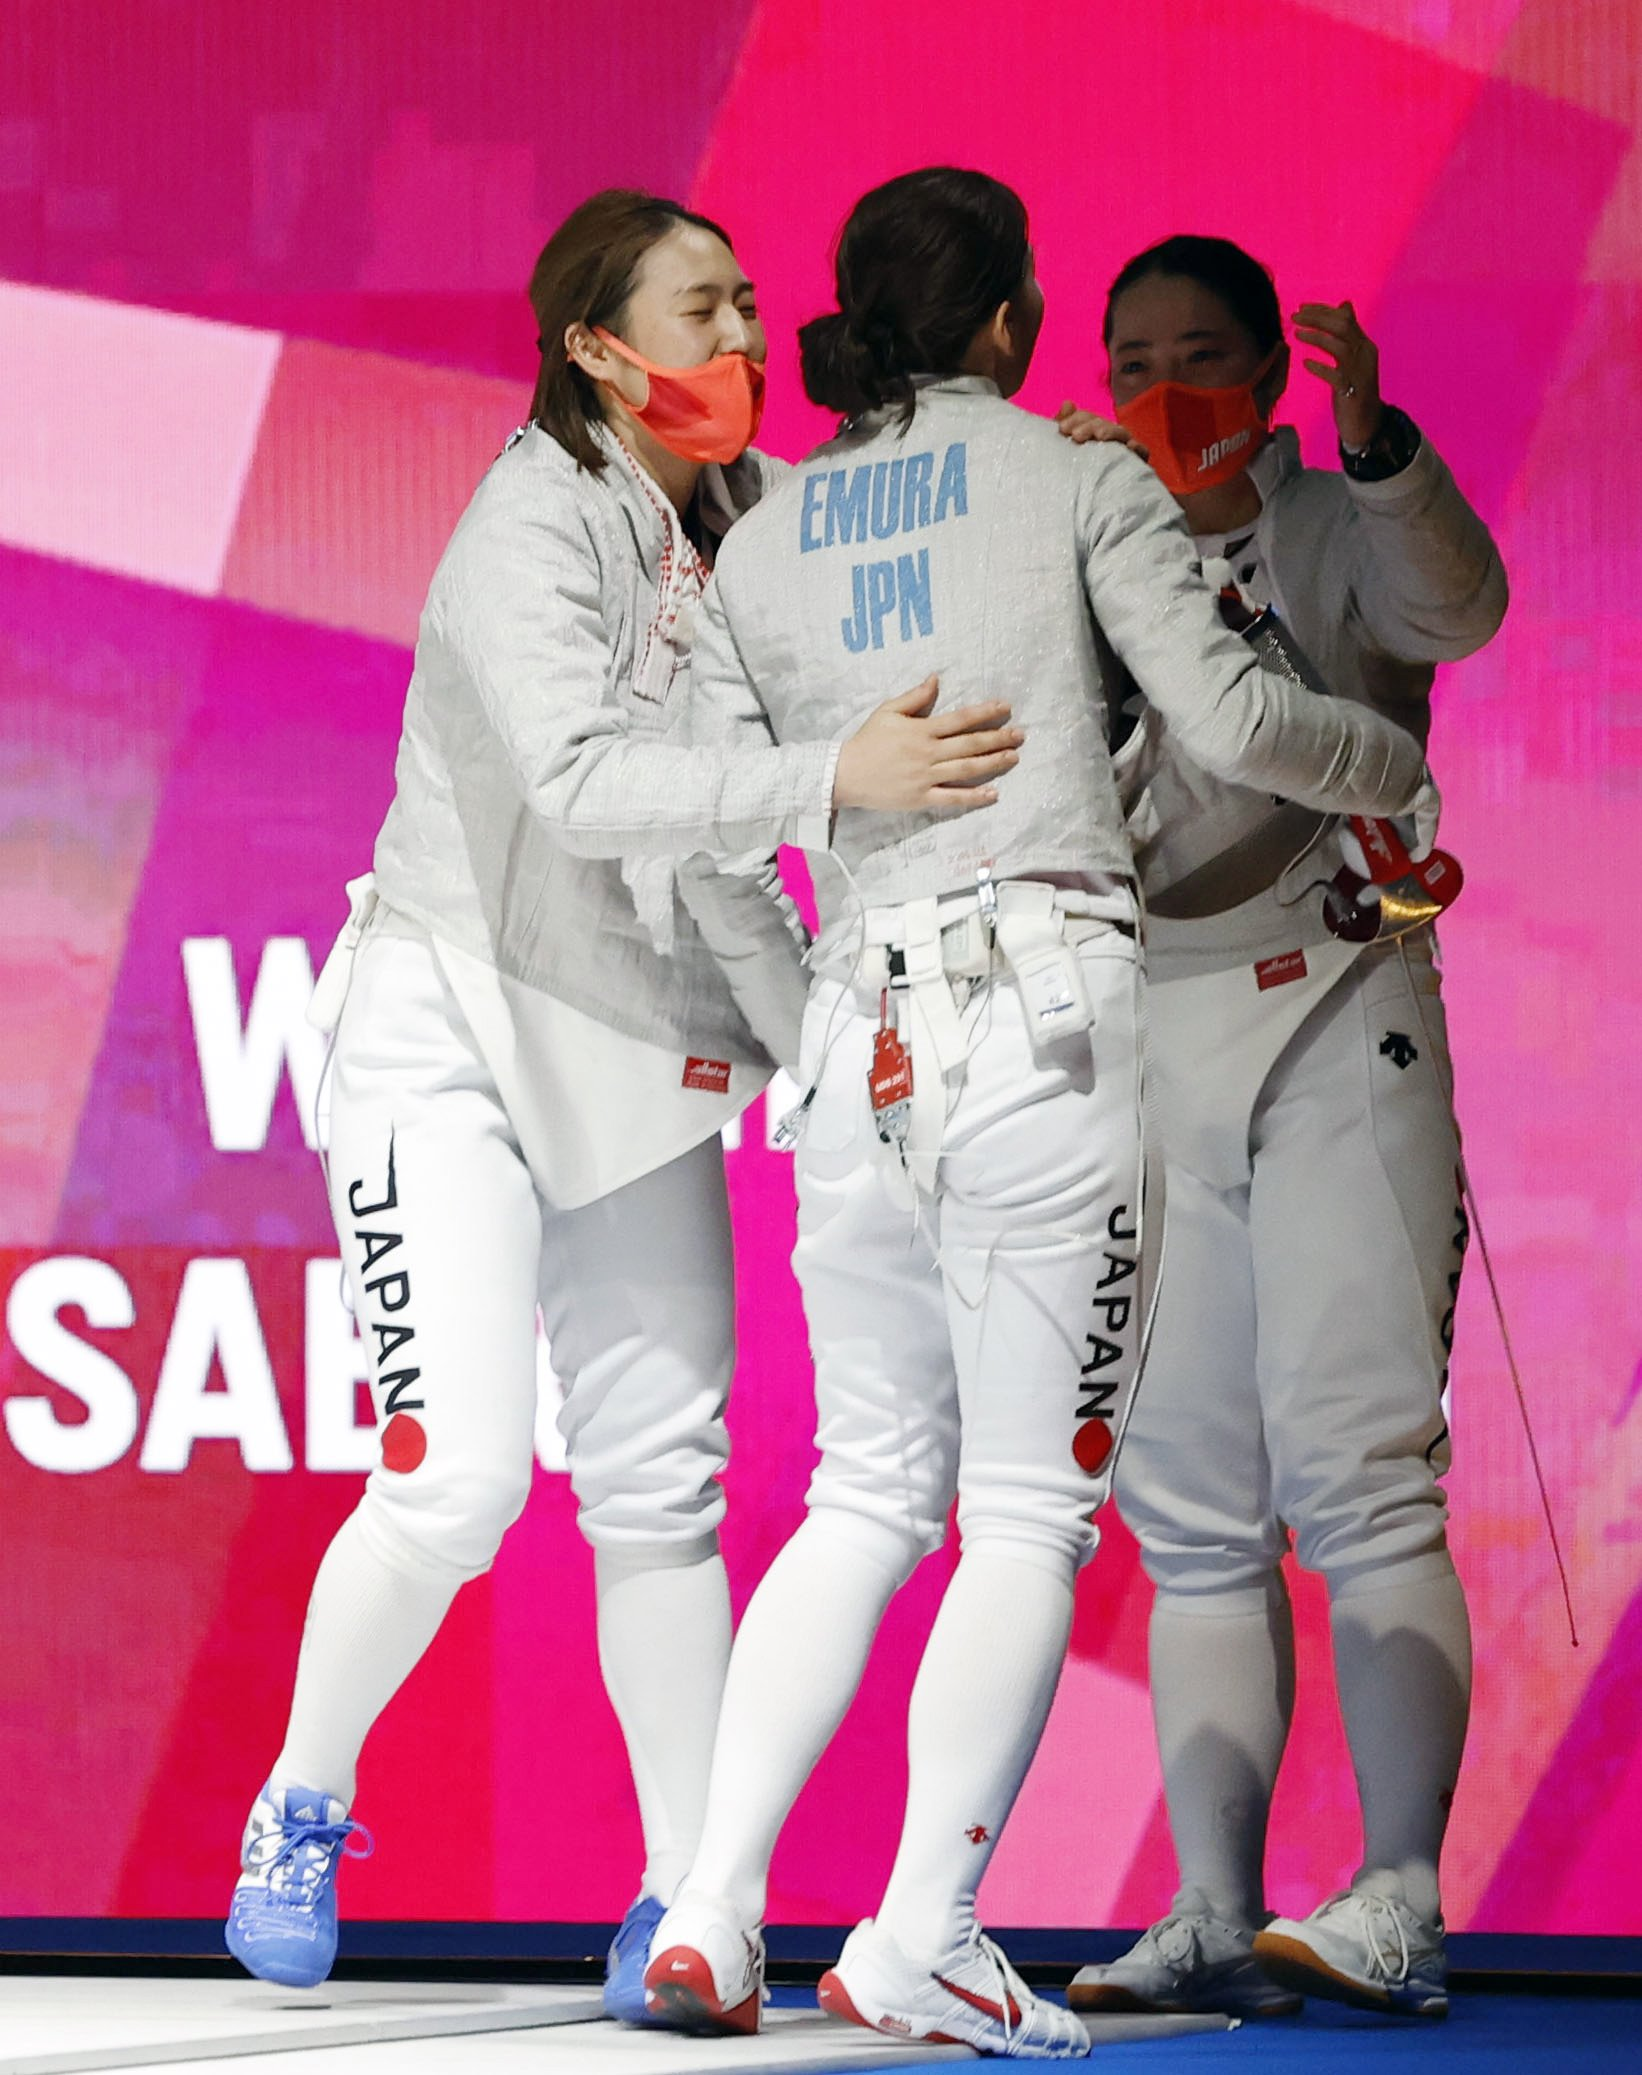 女子サーブル団体5、6位決定戦 米国に勝利し、抱き合う(左から)福島史帆実、江村美咲、田村紀佳=幕張メッセ